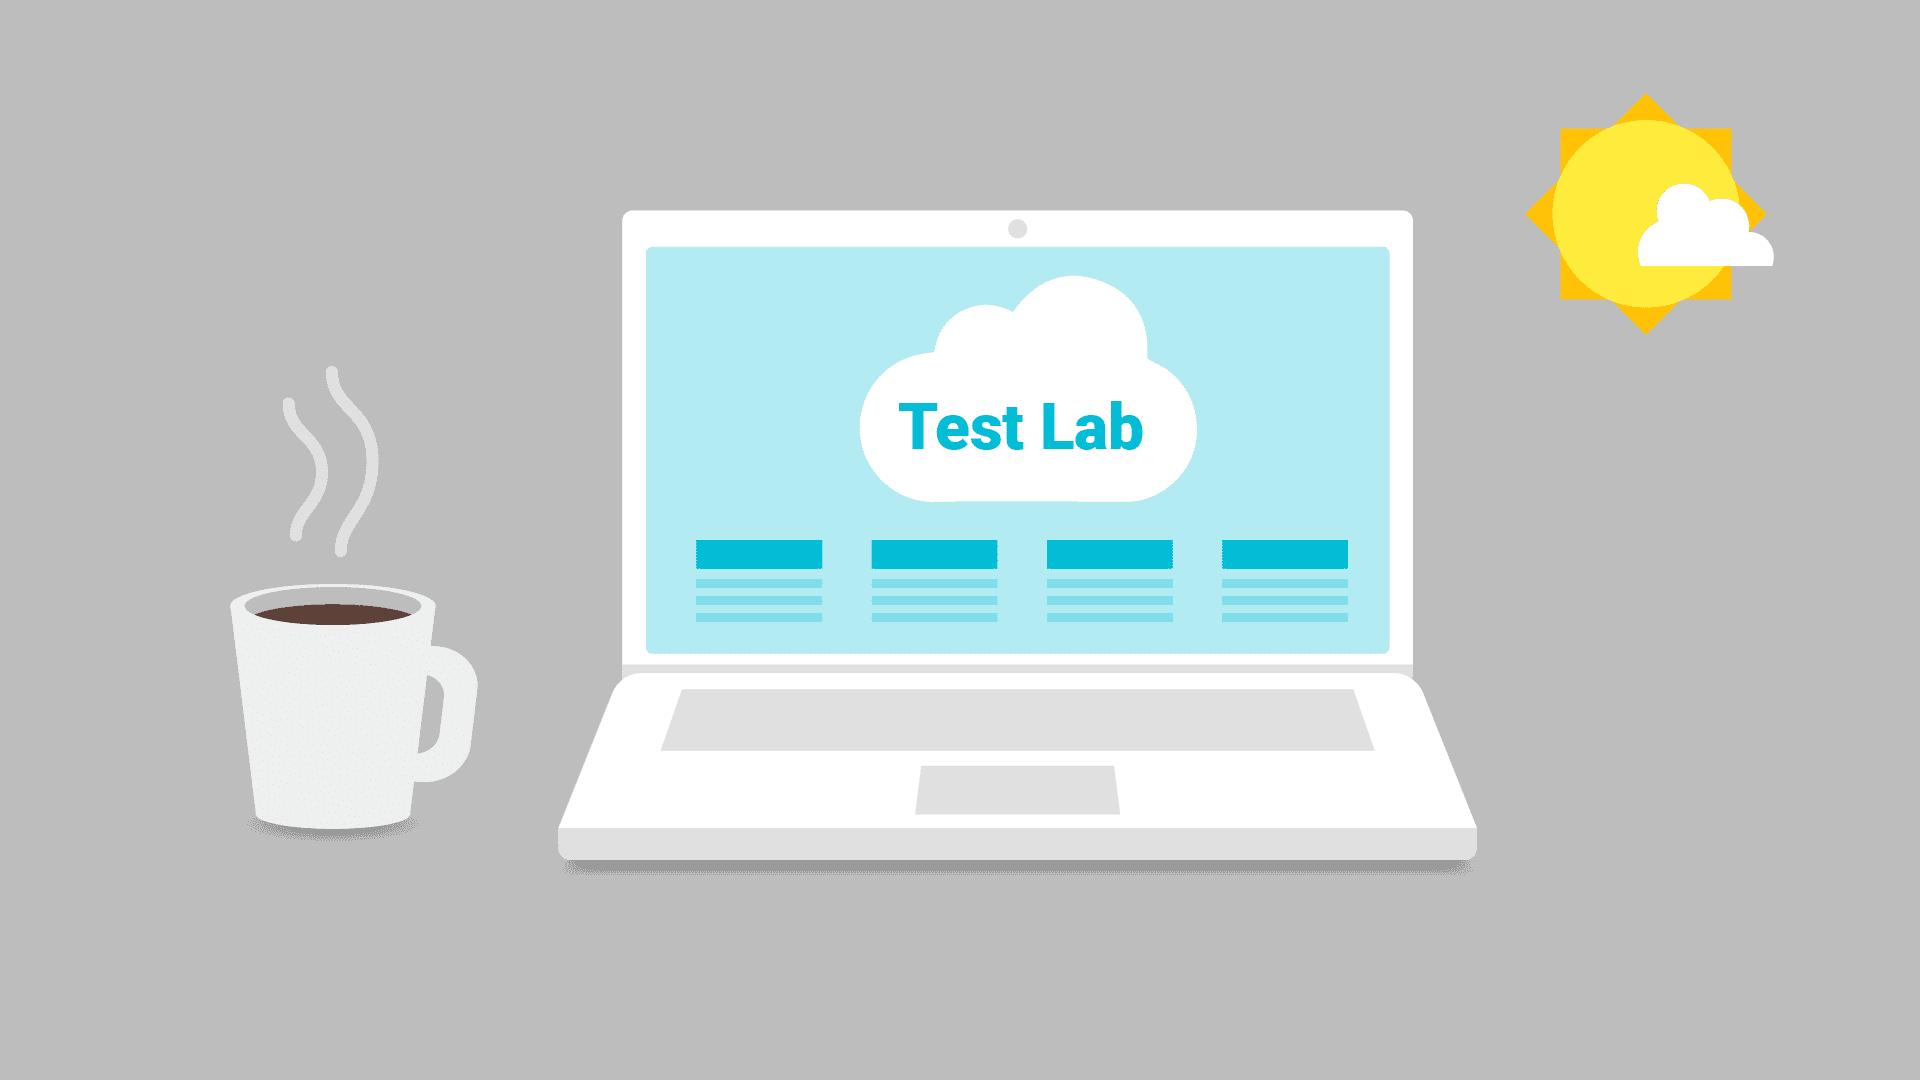 स्क्रीन पर टेस्ट लैब वाला लैपटॉप